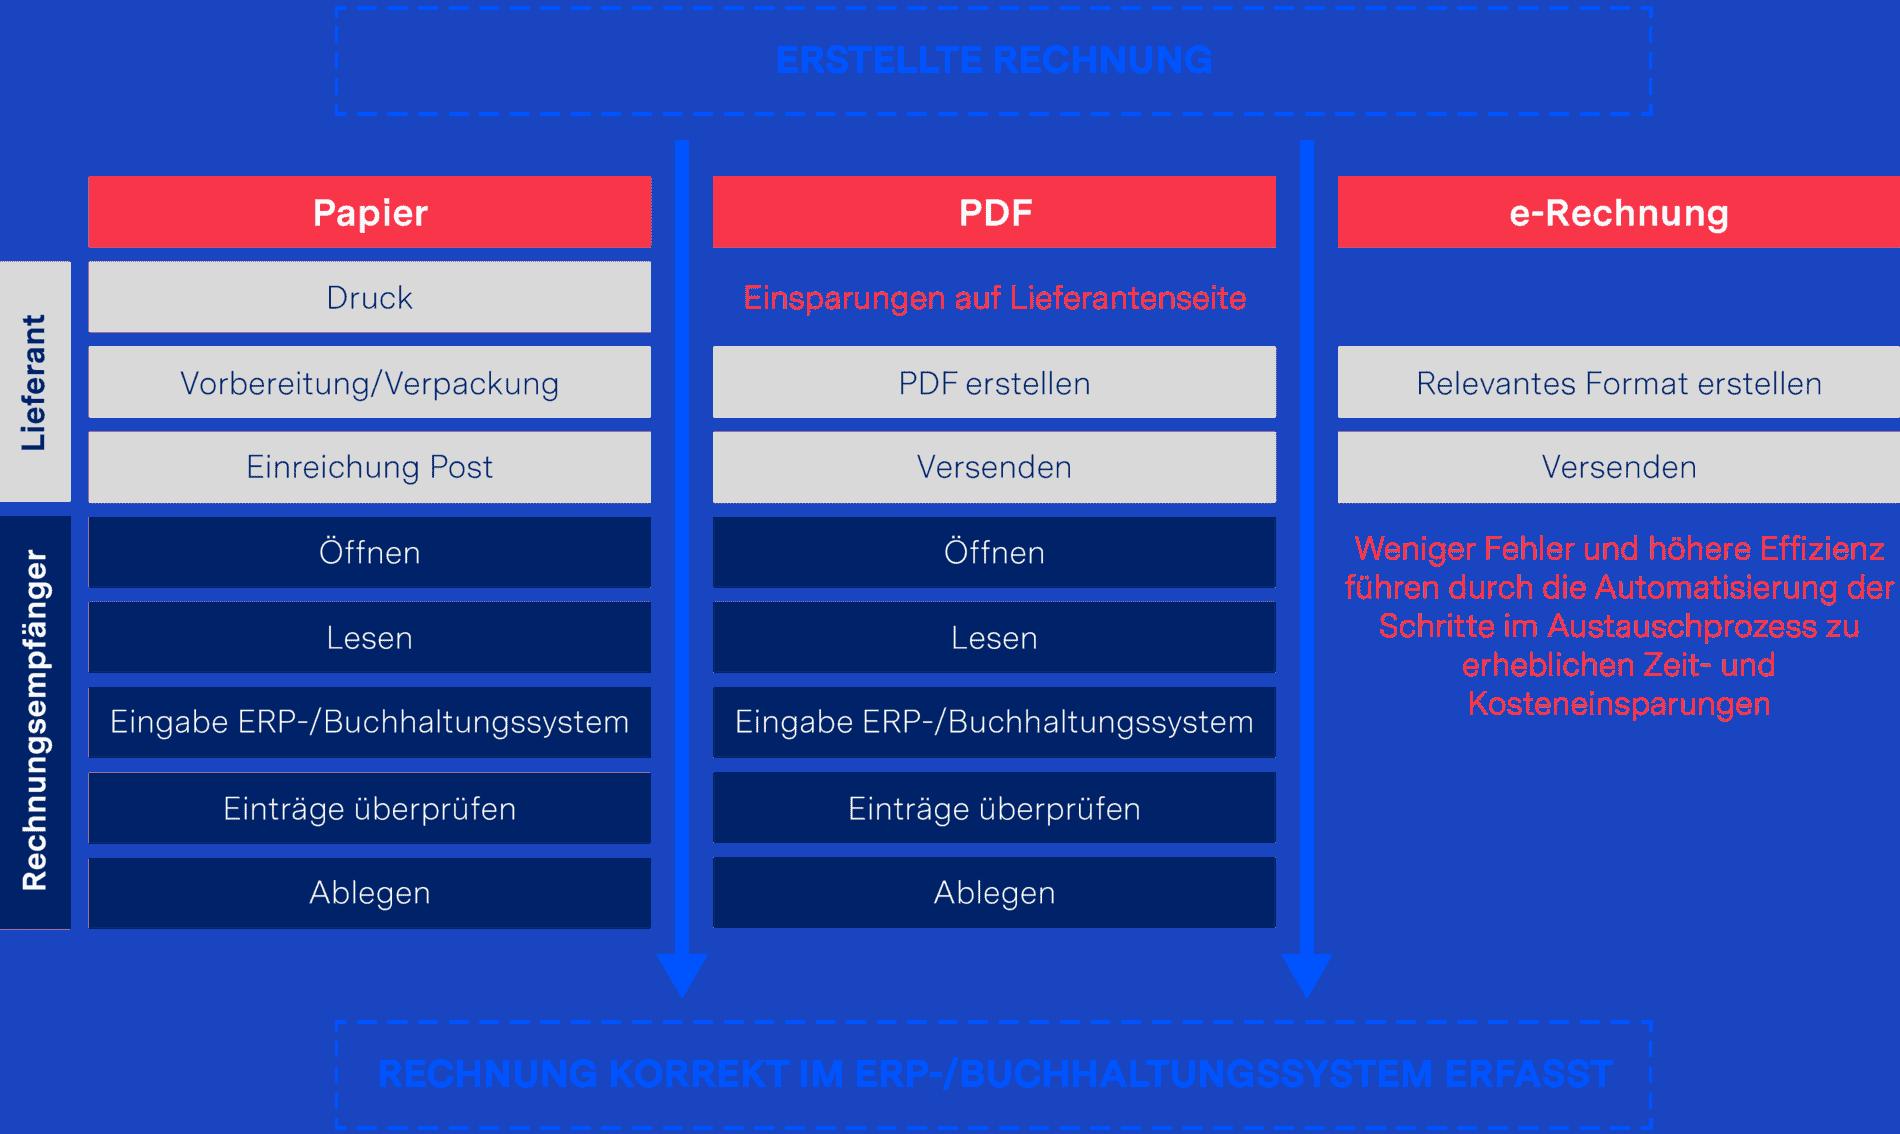 Vorteile der e-Rechnung im Vergleich